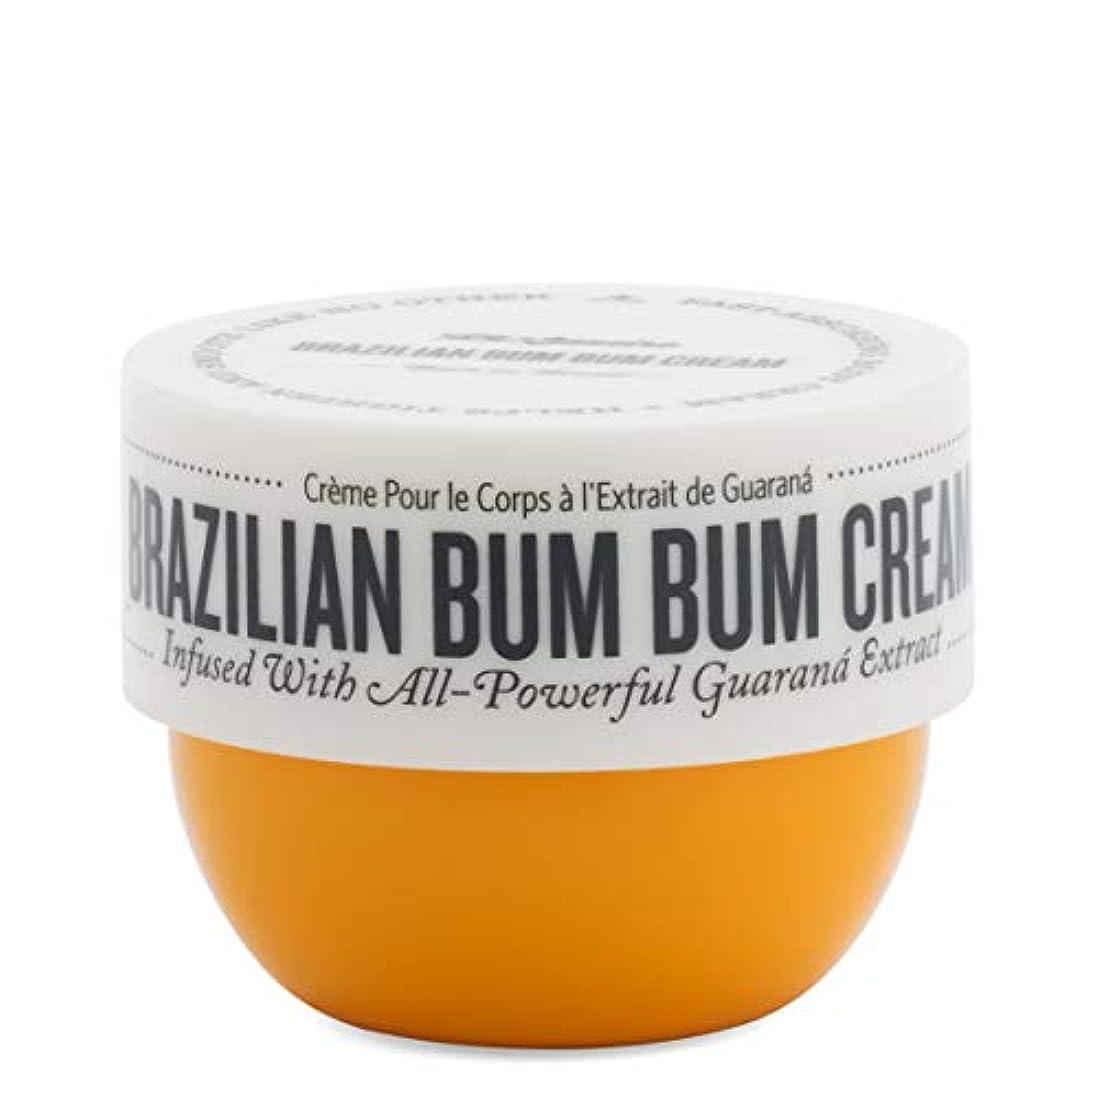 渦シルクオリエンタル《 ブラジリアン ブンブンクリーム 》Brazilian BUM BUM Cream (74ml)